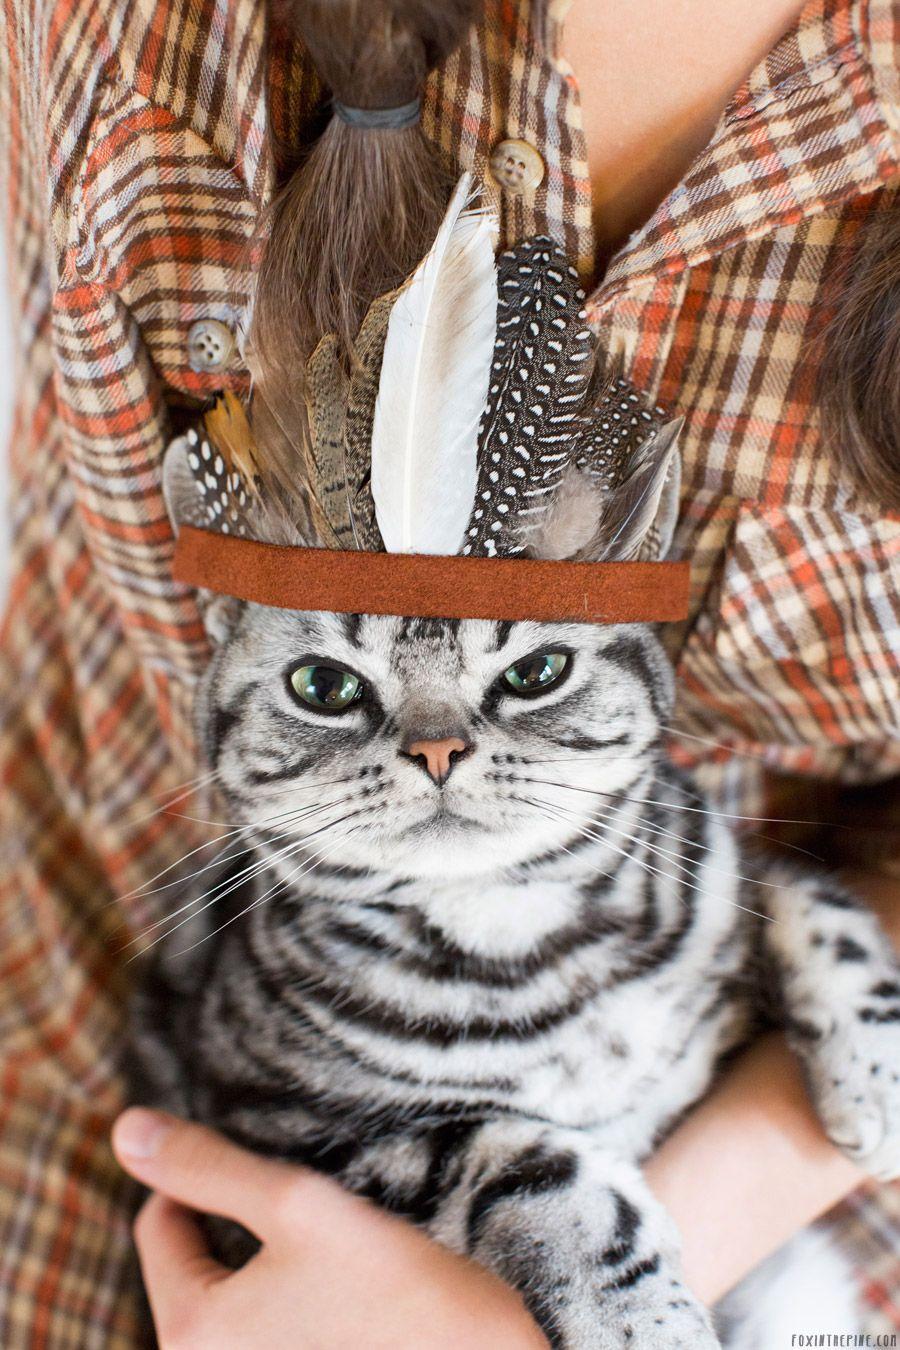 7a7c0e8779 Thanksgiving kitty    FOXINTHEPINE.COM